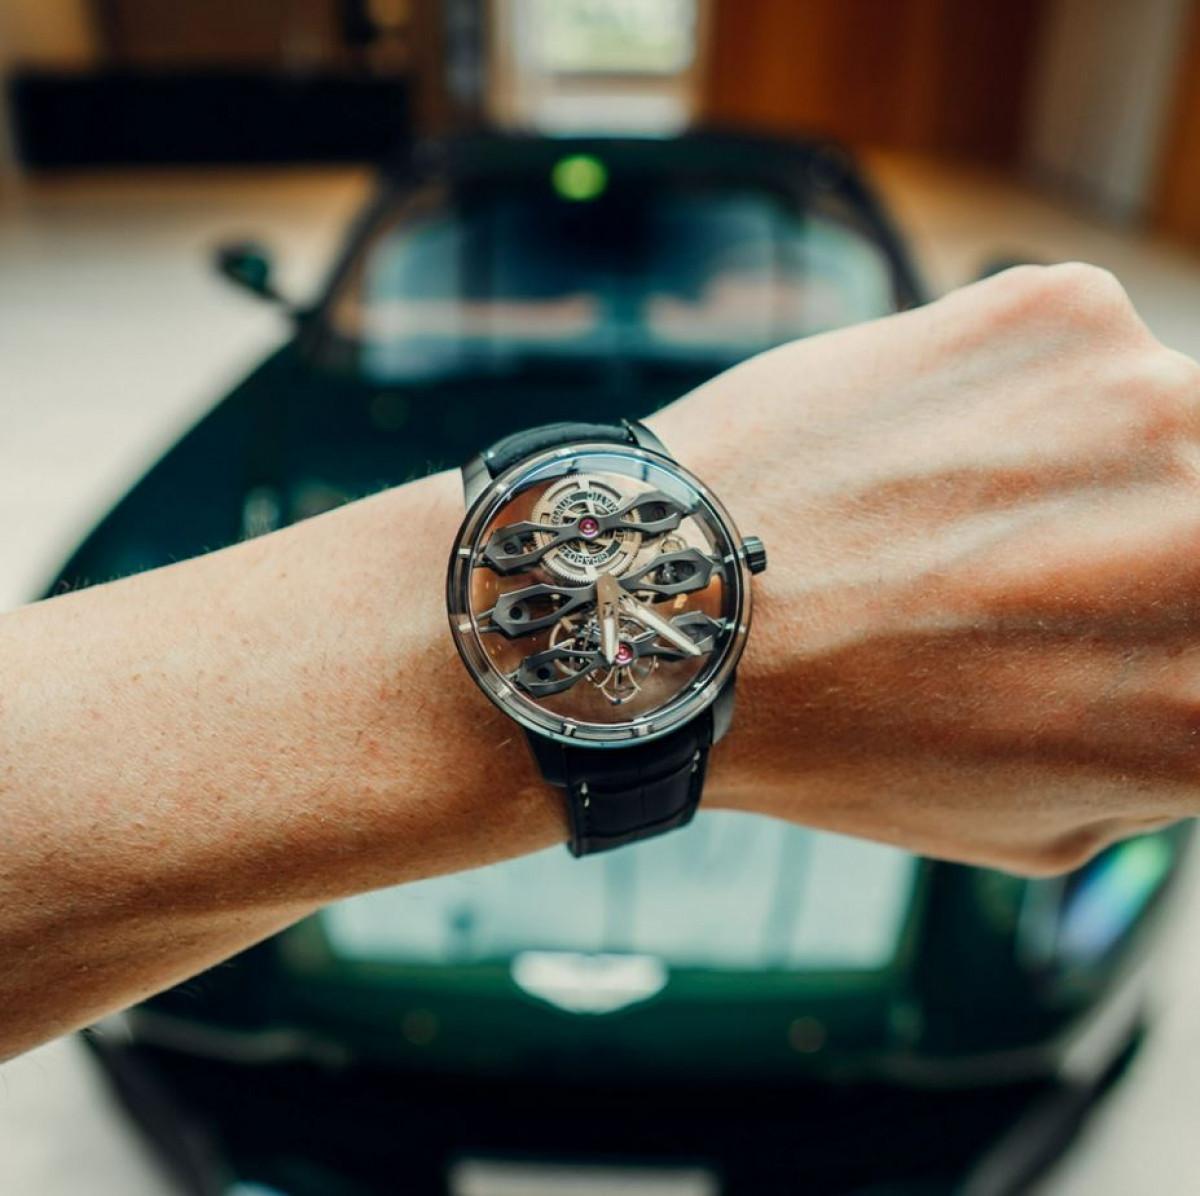 Aston Martin ra mắt mẫu đồng hồ giá hơn 3 tỷ đồng-1